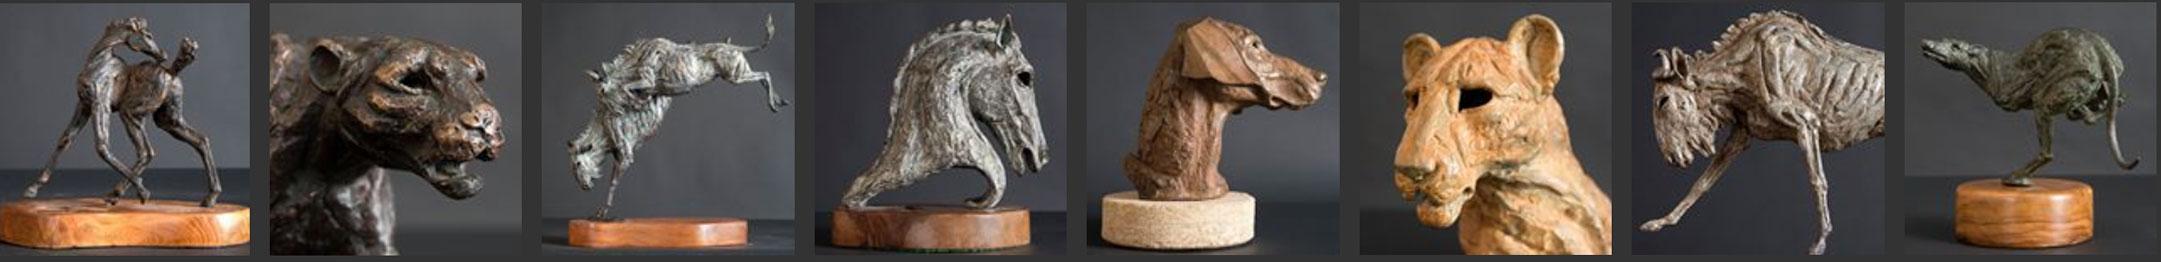 Jan Sweeney bronze sculptures